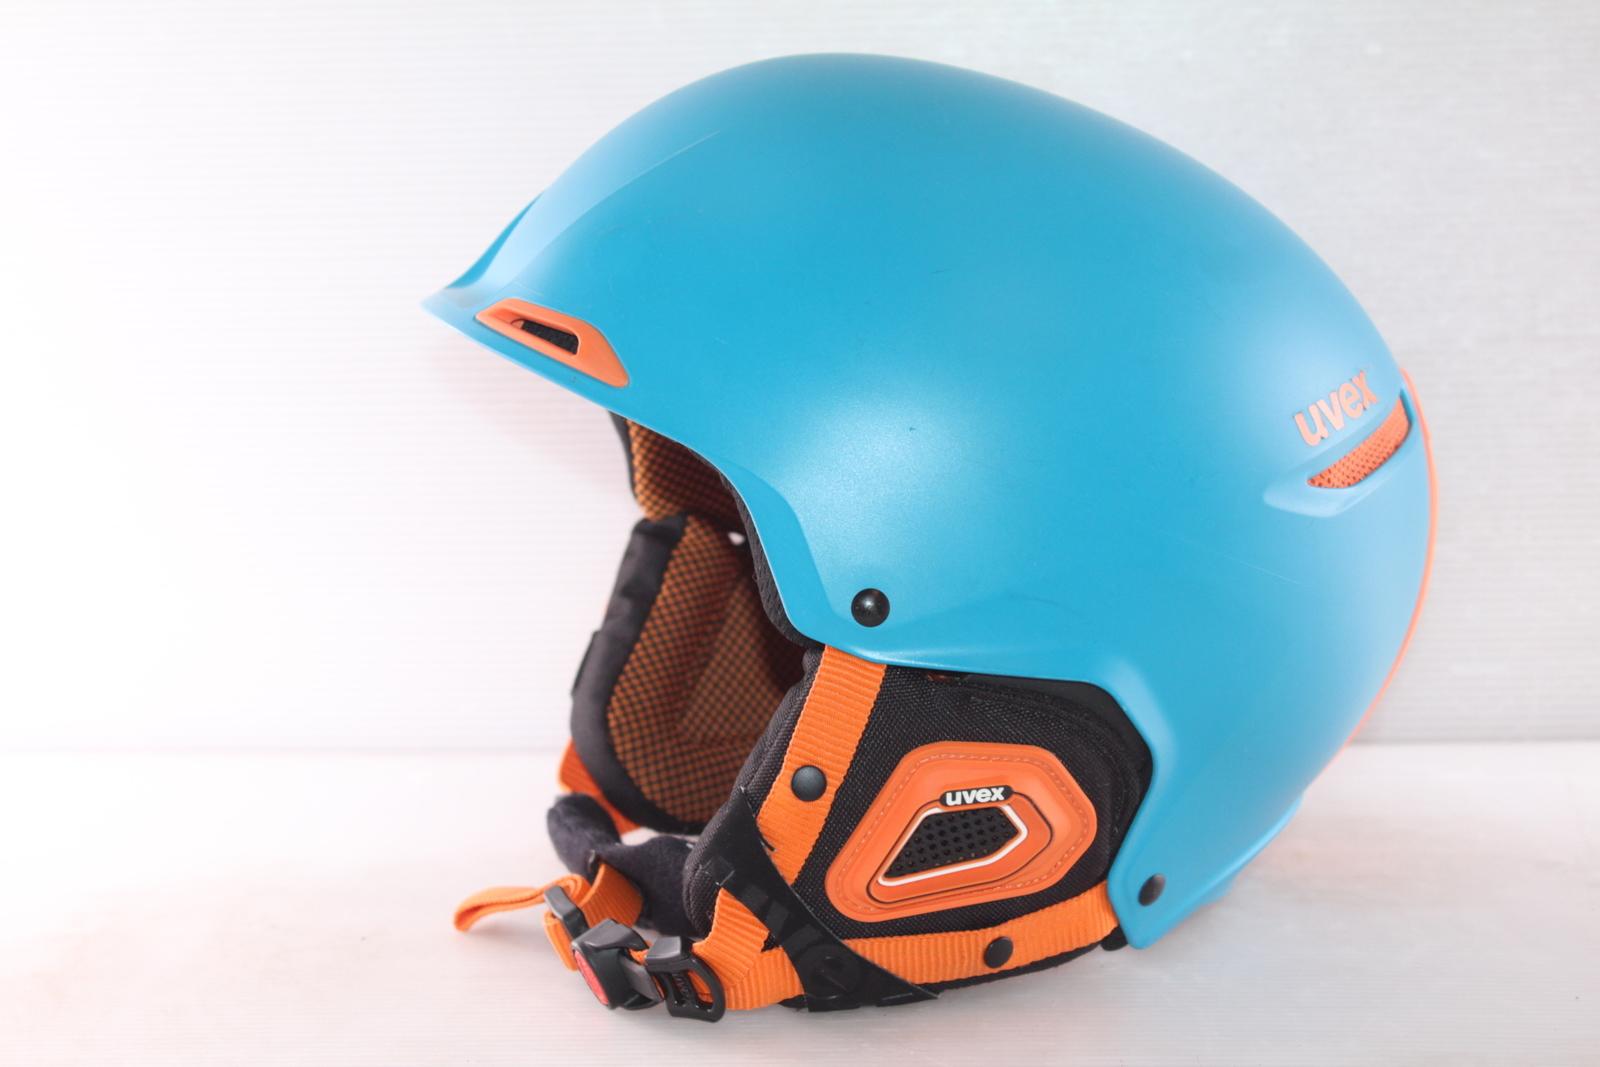 Lyžařská helma Uvex Jakk - posuvná vel. 59 - 62